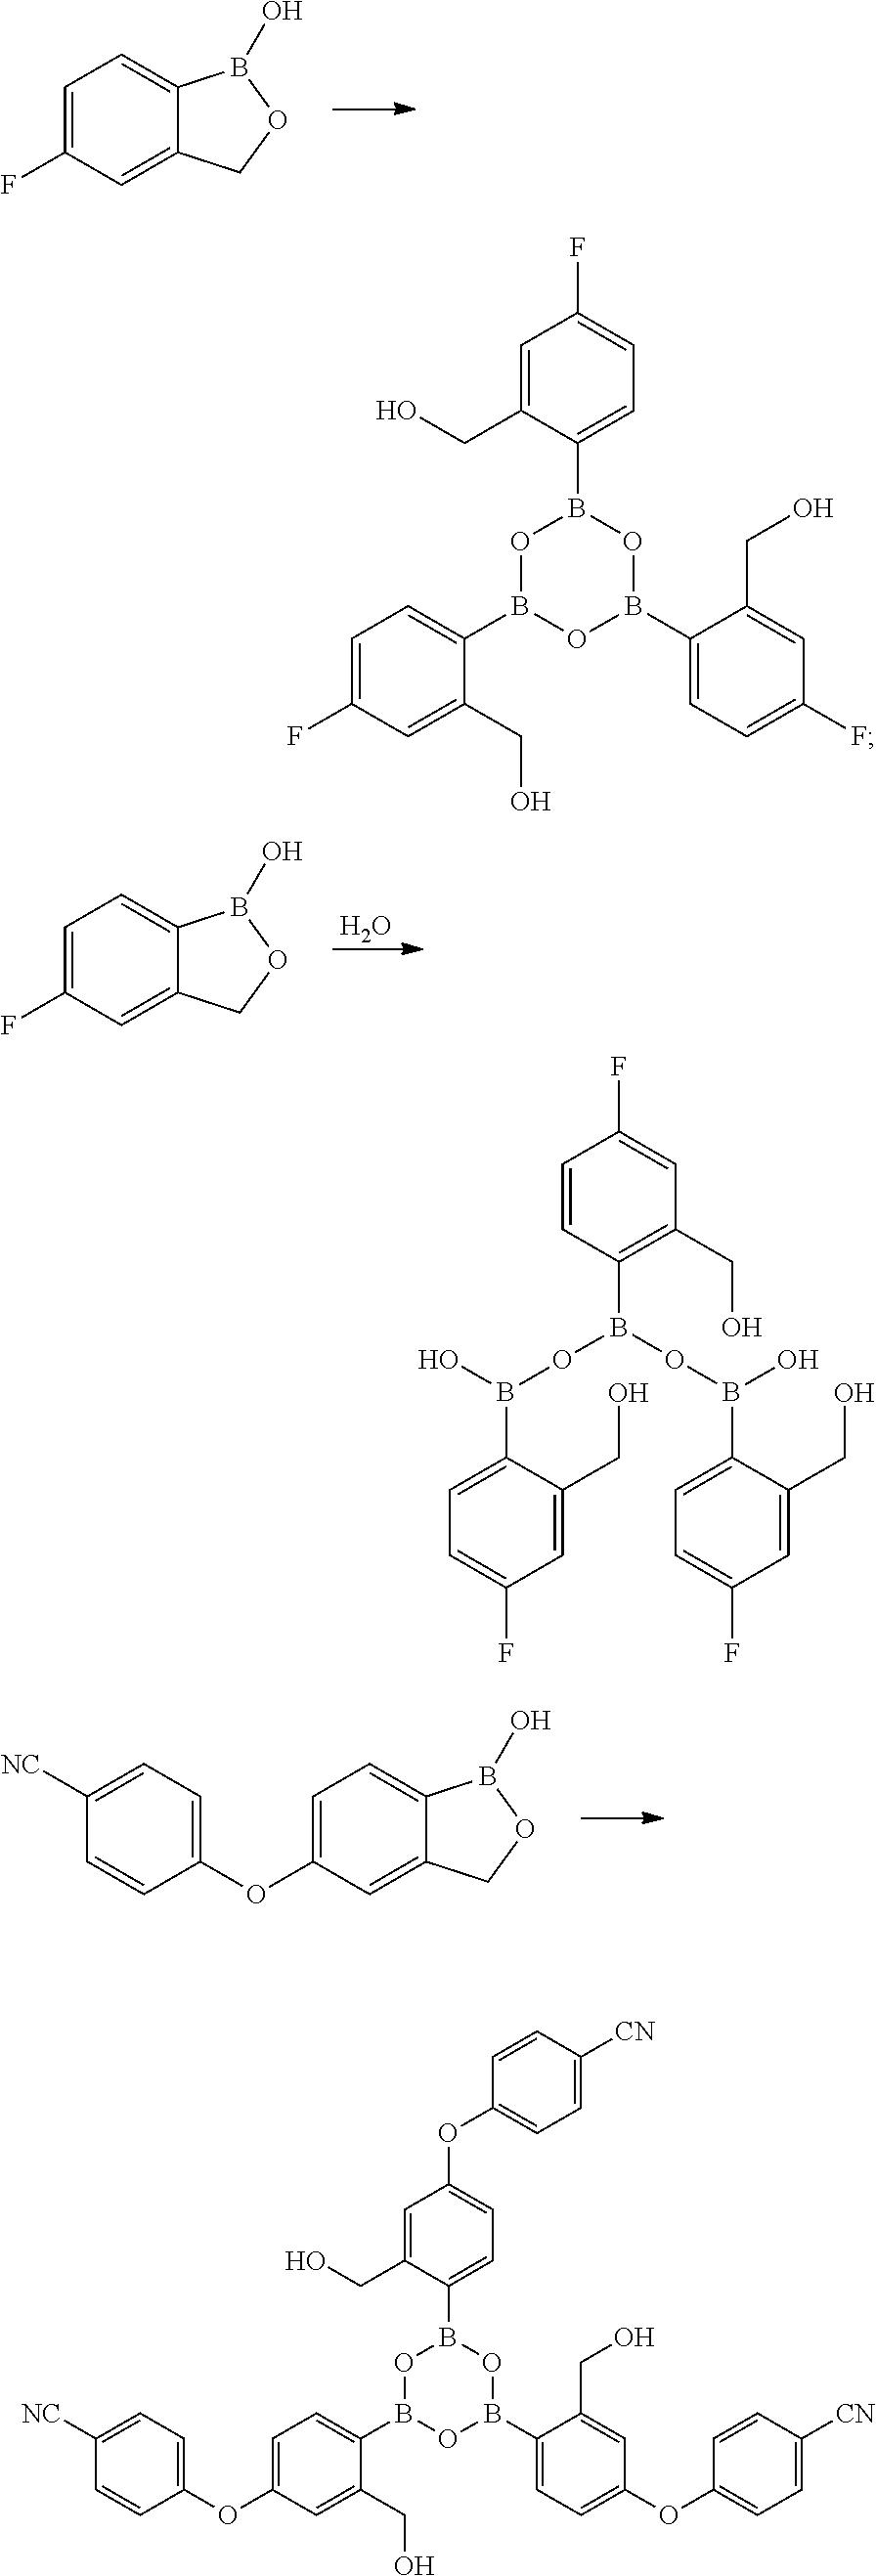 Figure US09566289-20170214-C00007